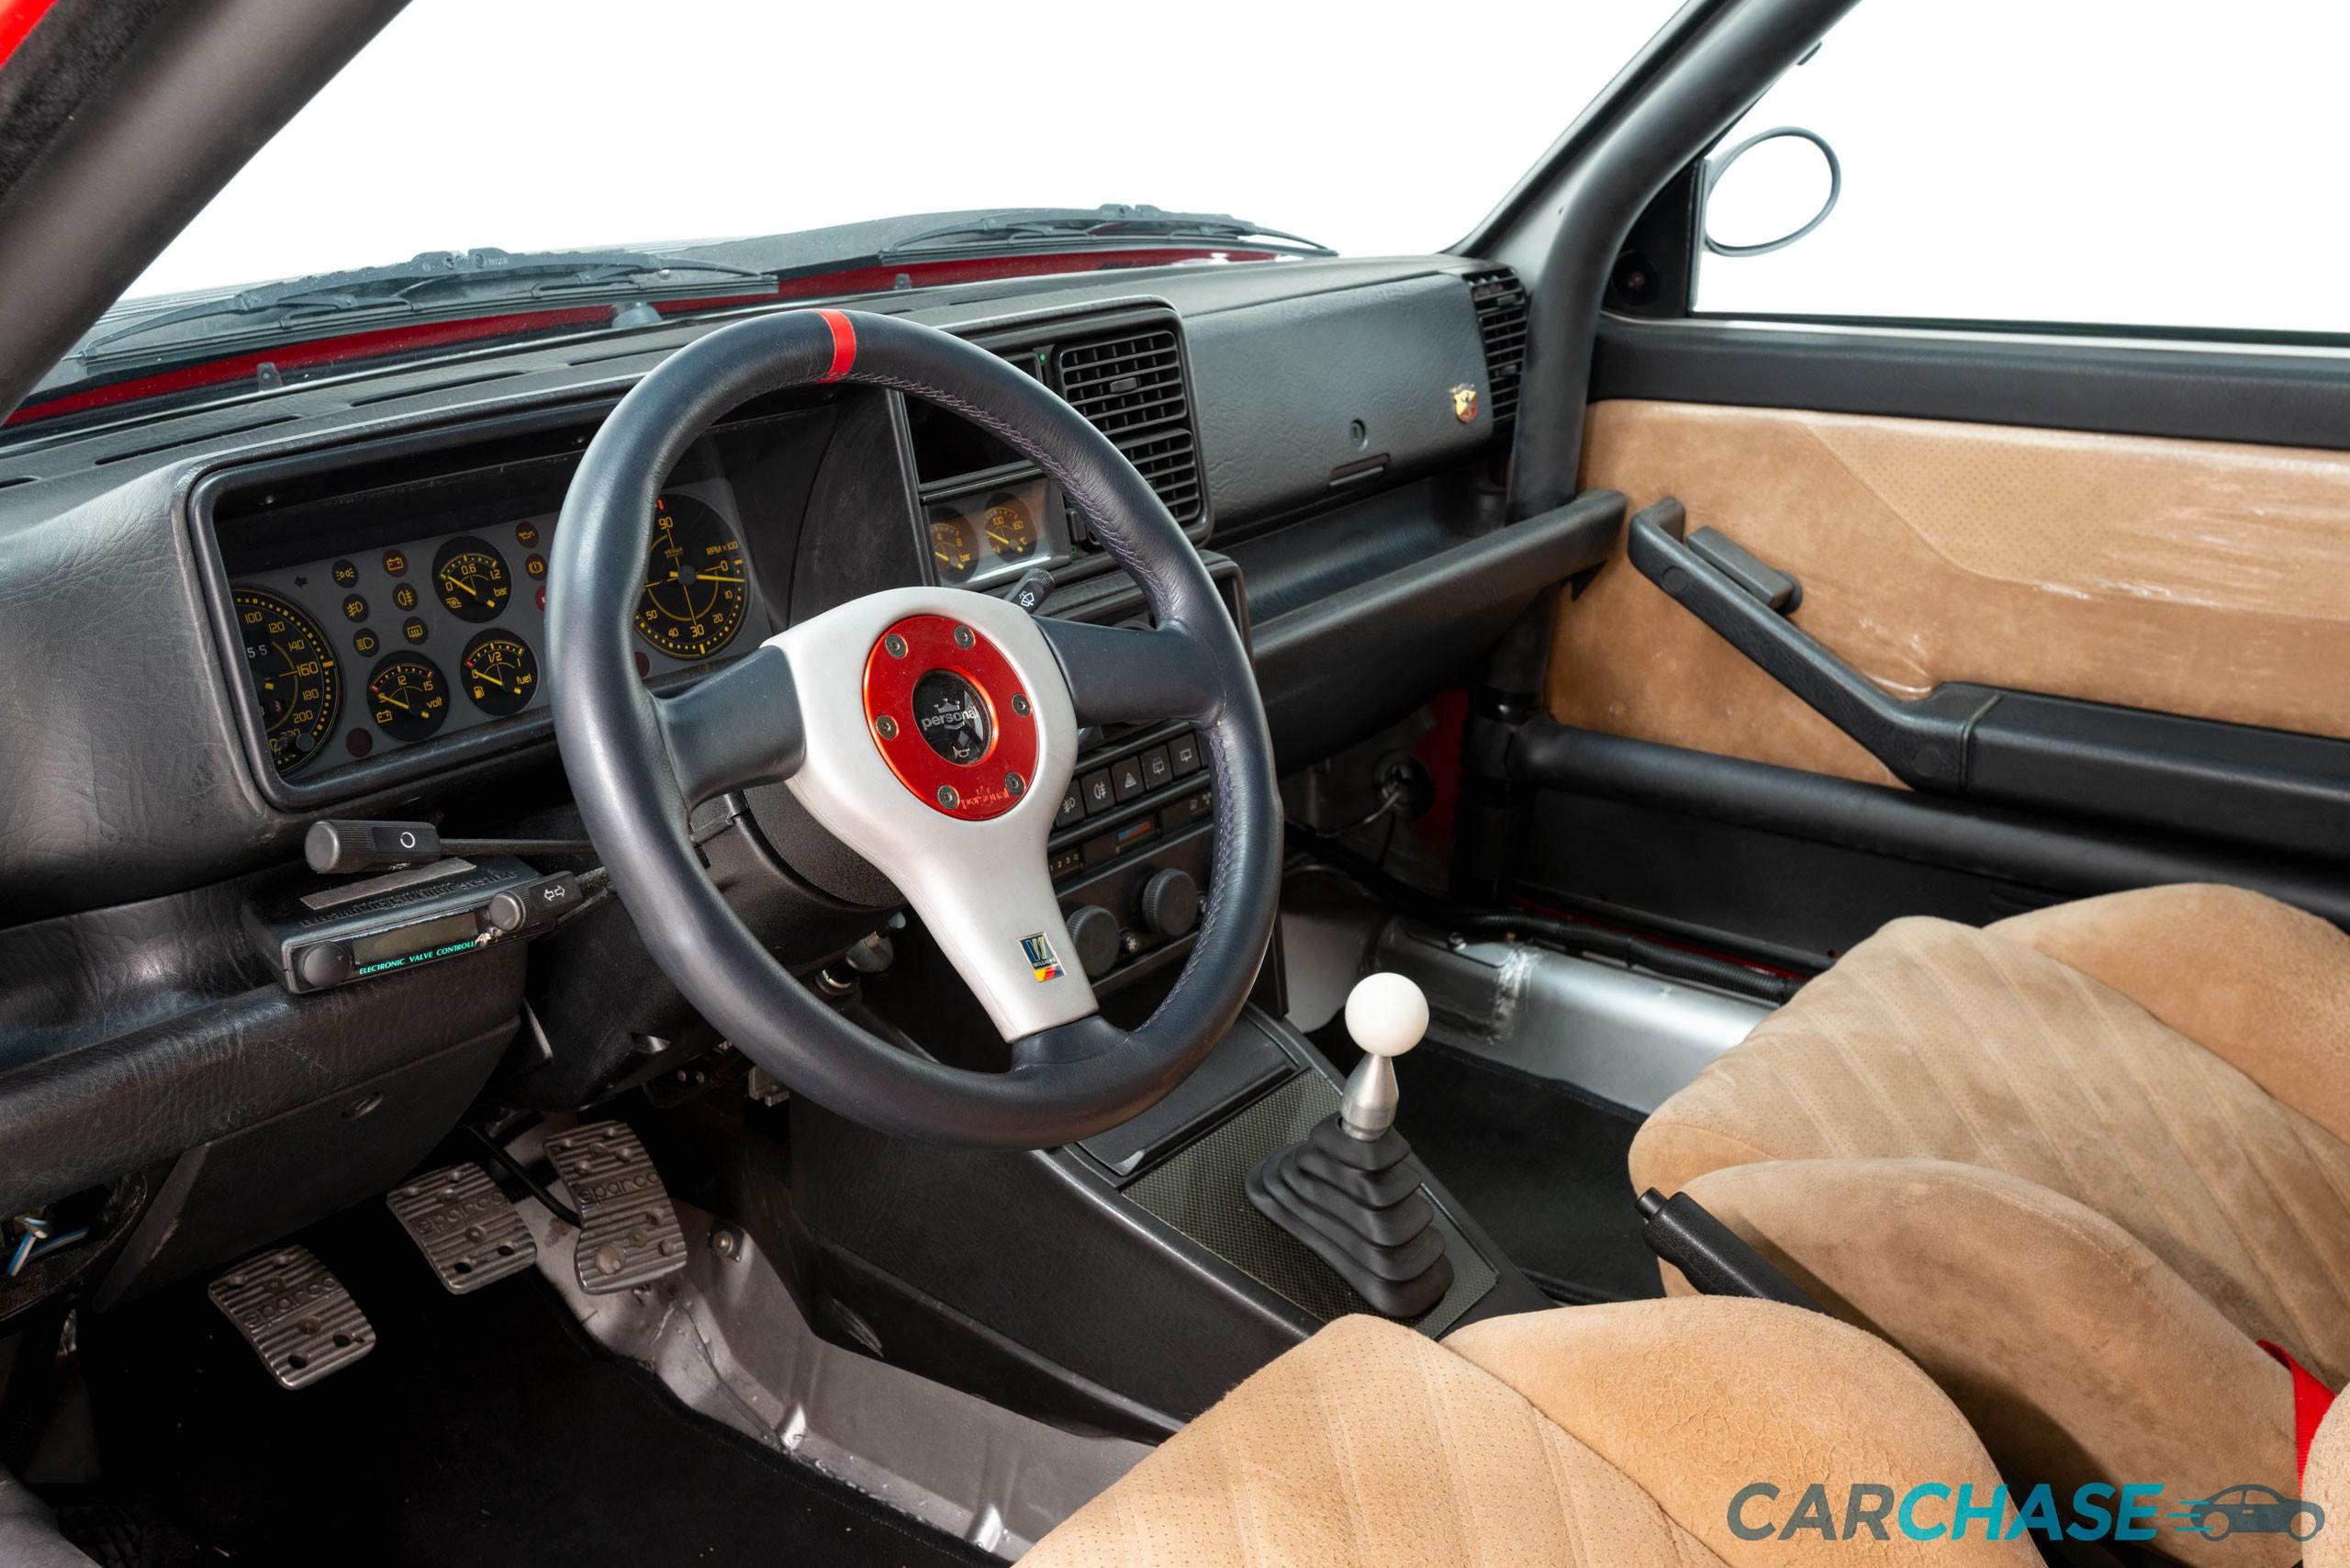 Image of dashboard profile of 1993 Lancia Delta Integrale Evo 2